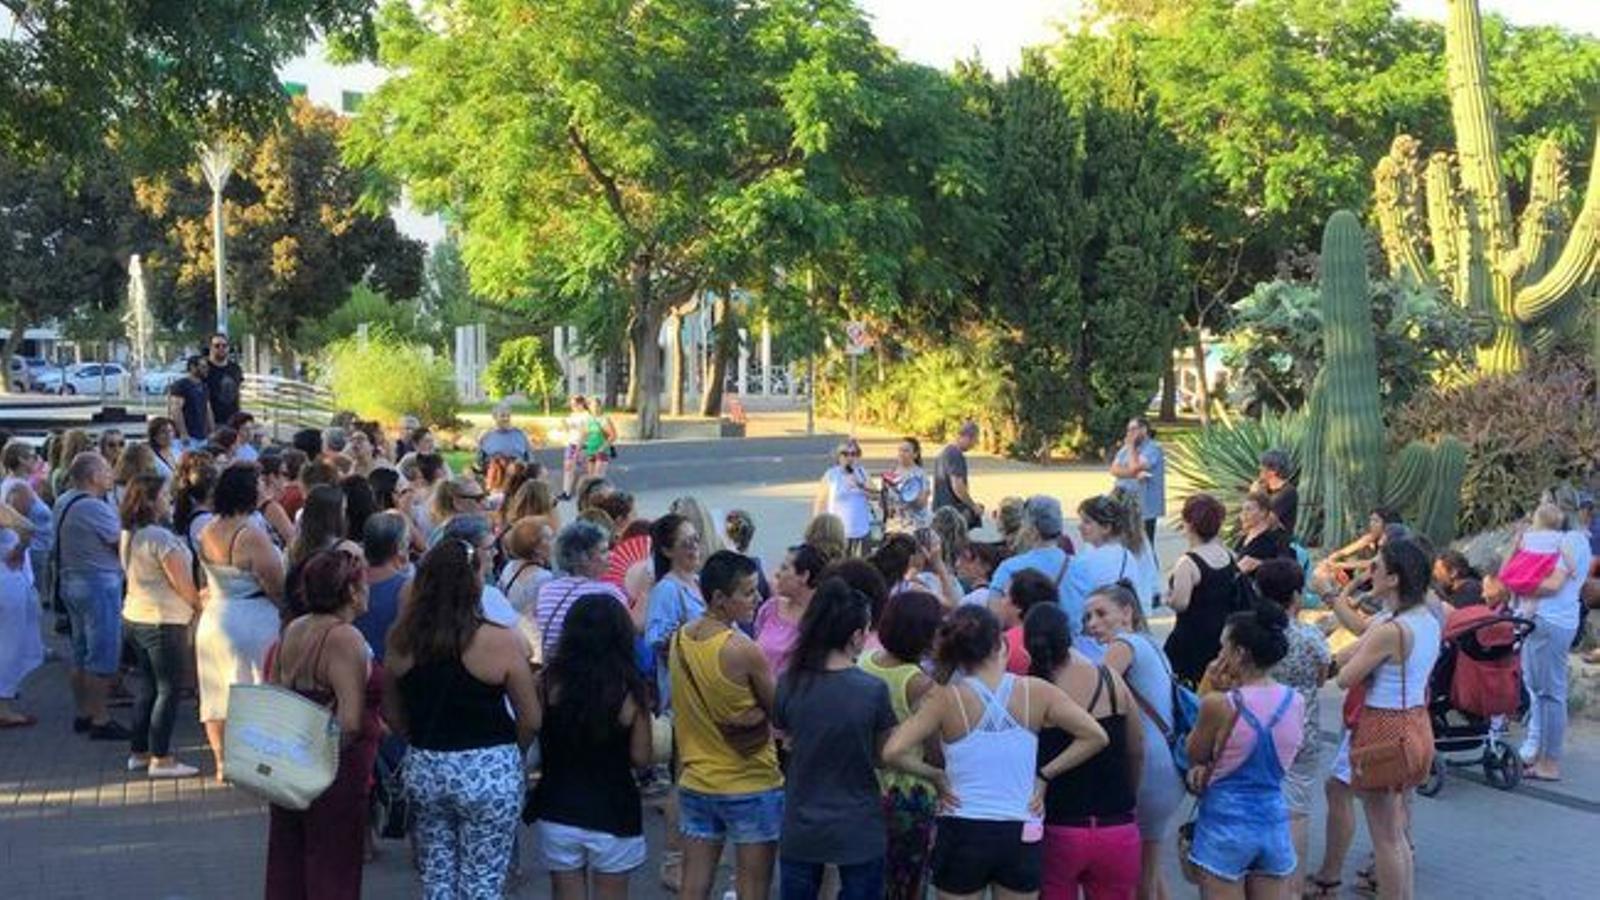 L'asamblea on les kellys varen votar fer vaga, al Parc de la Pau d'Eivissa